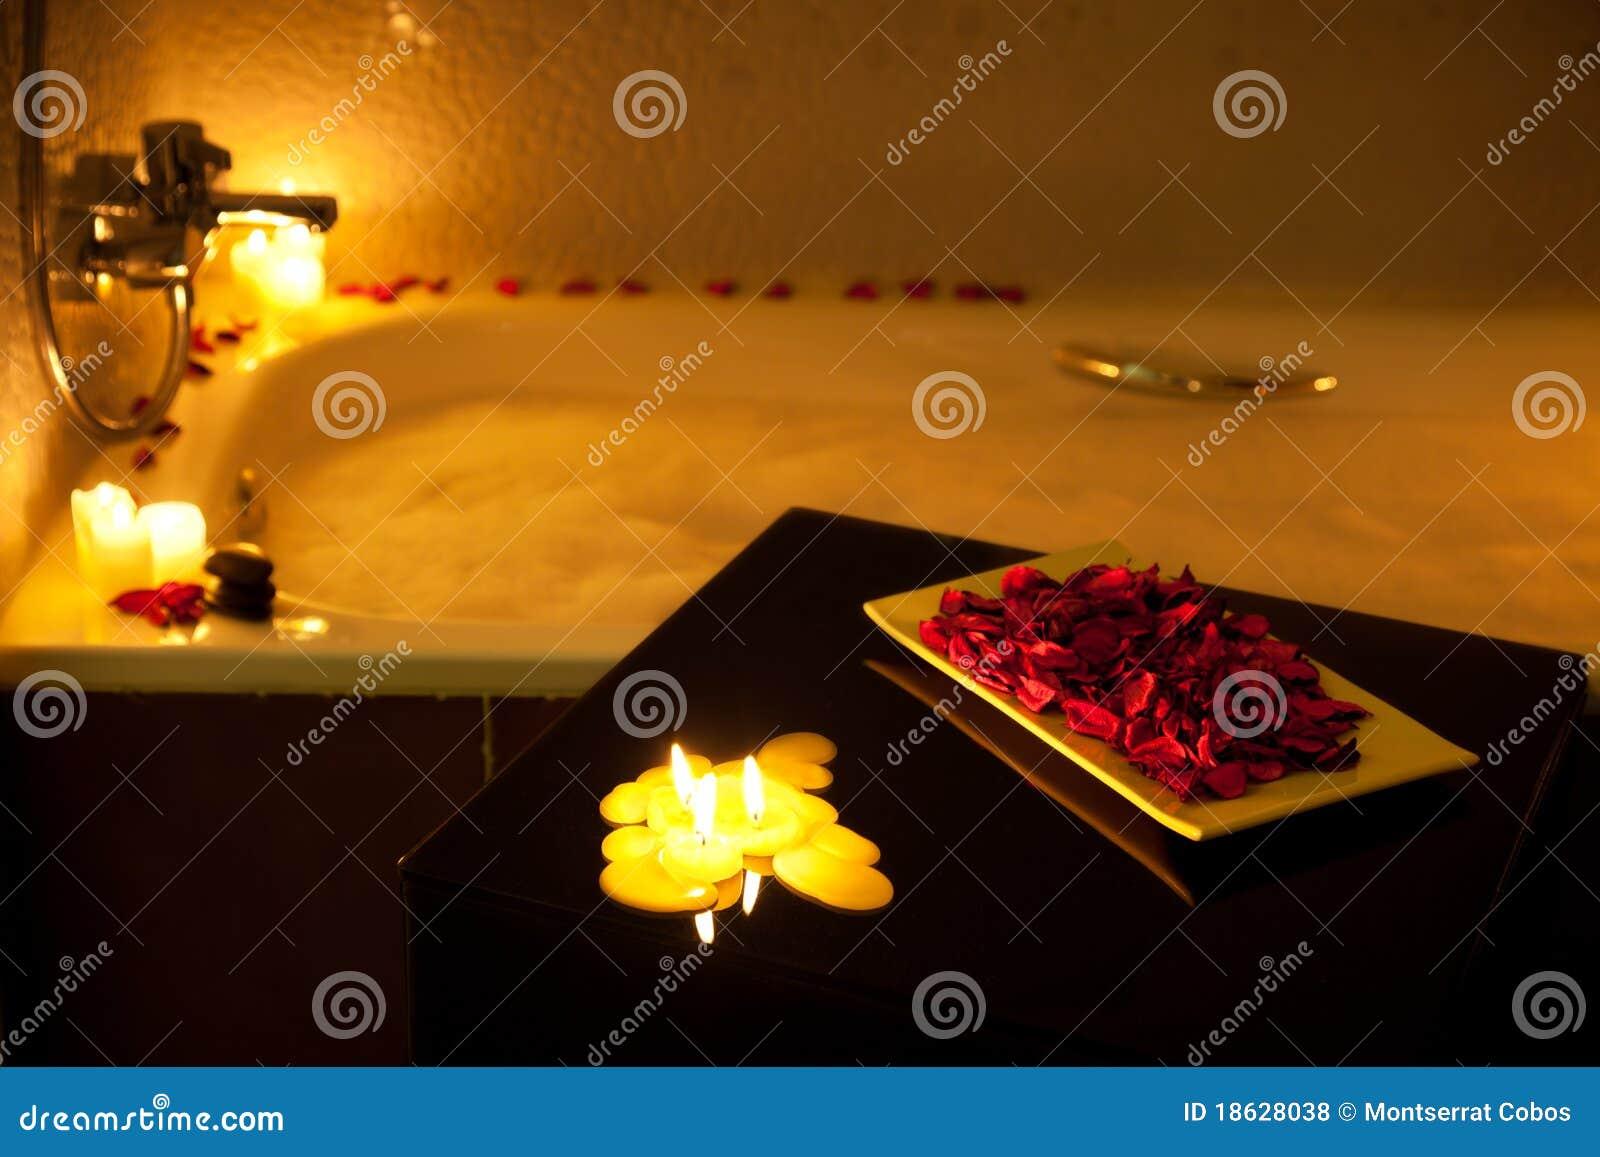 Vasca Da Bagno Romantica Con Candele : Vasca da bagno romantica fotografia stock immagine di petalo